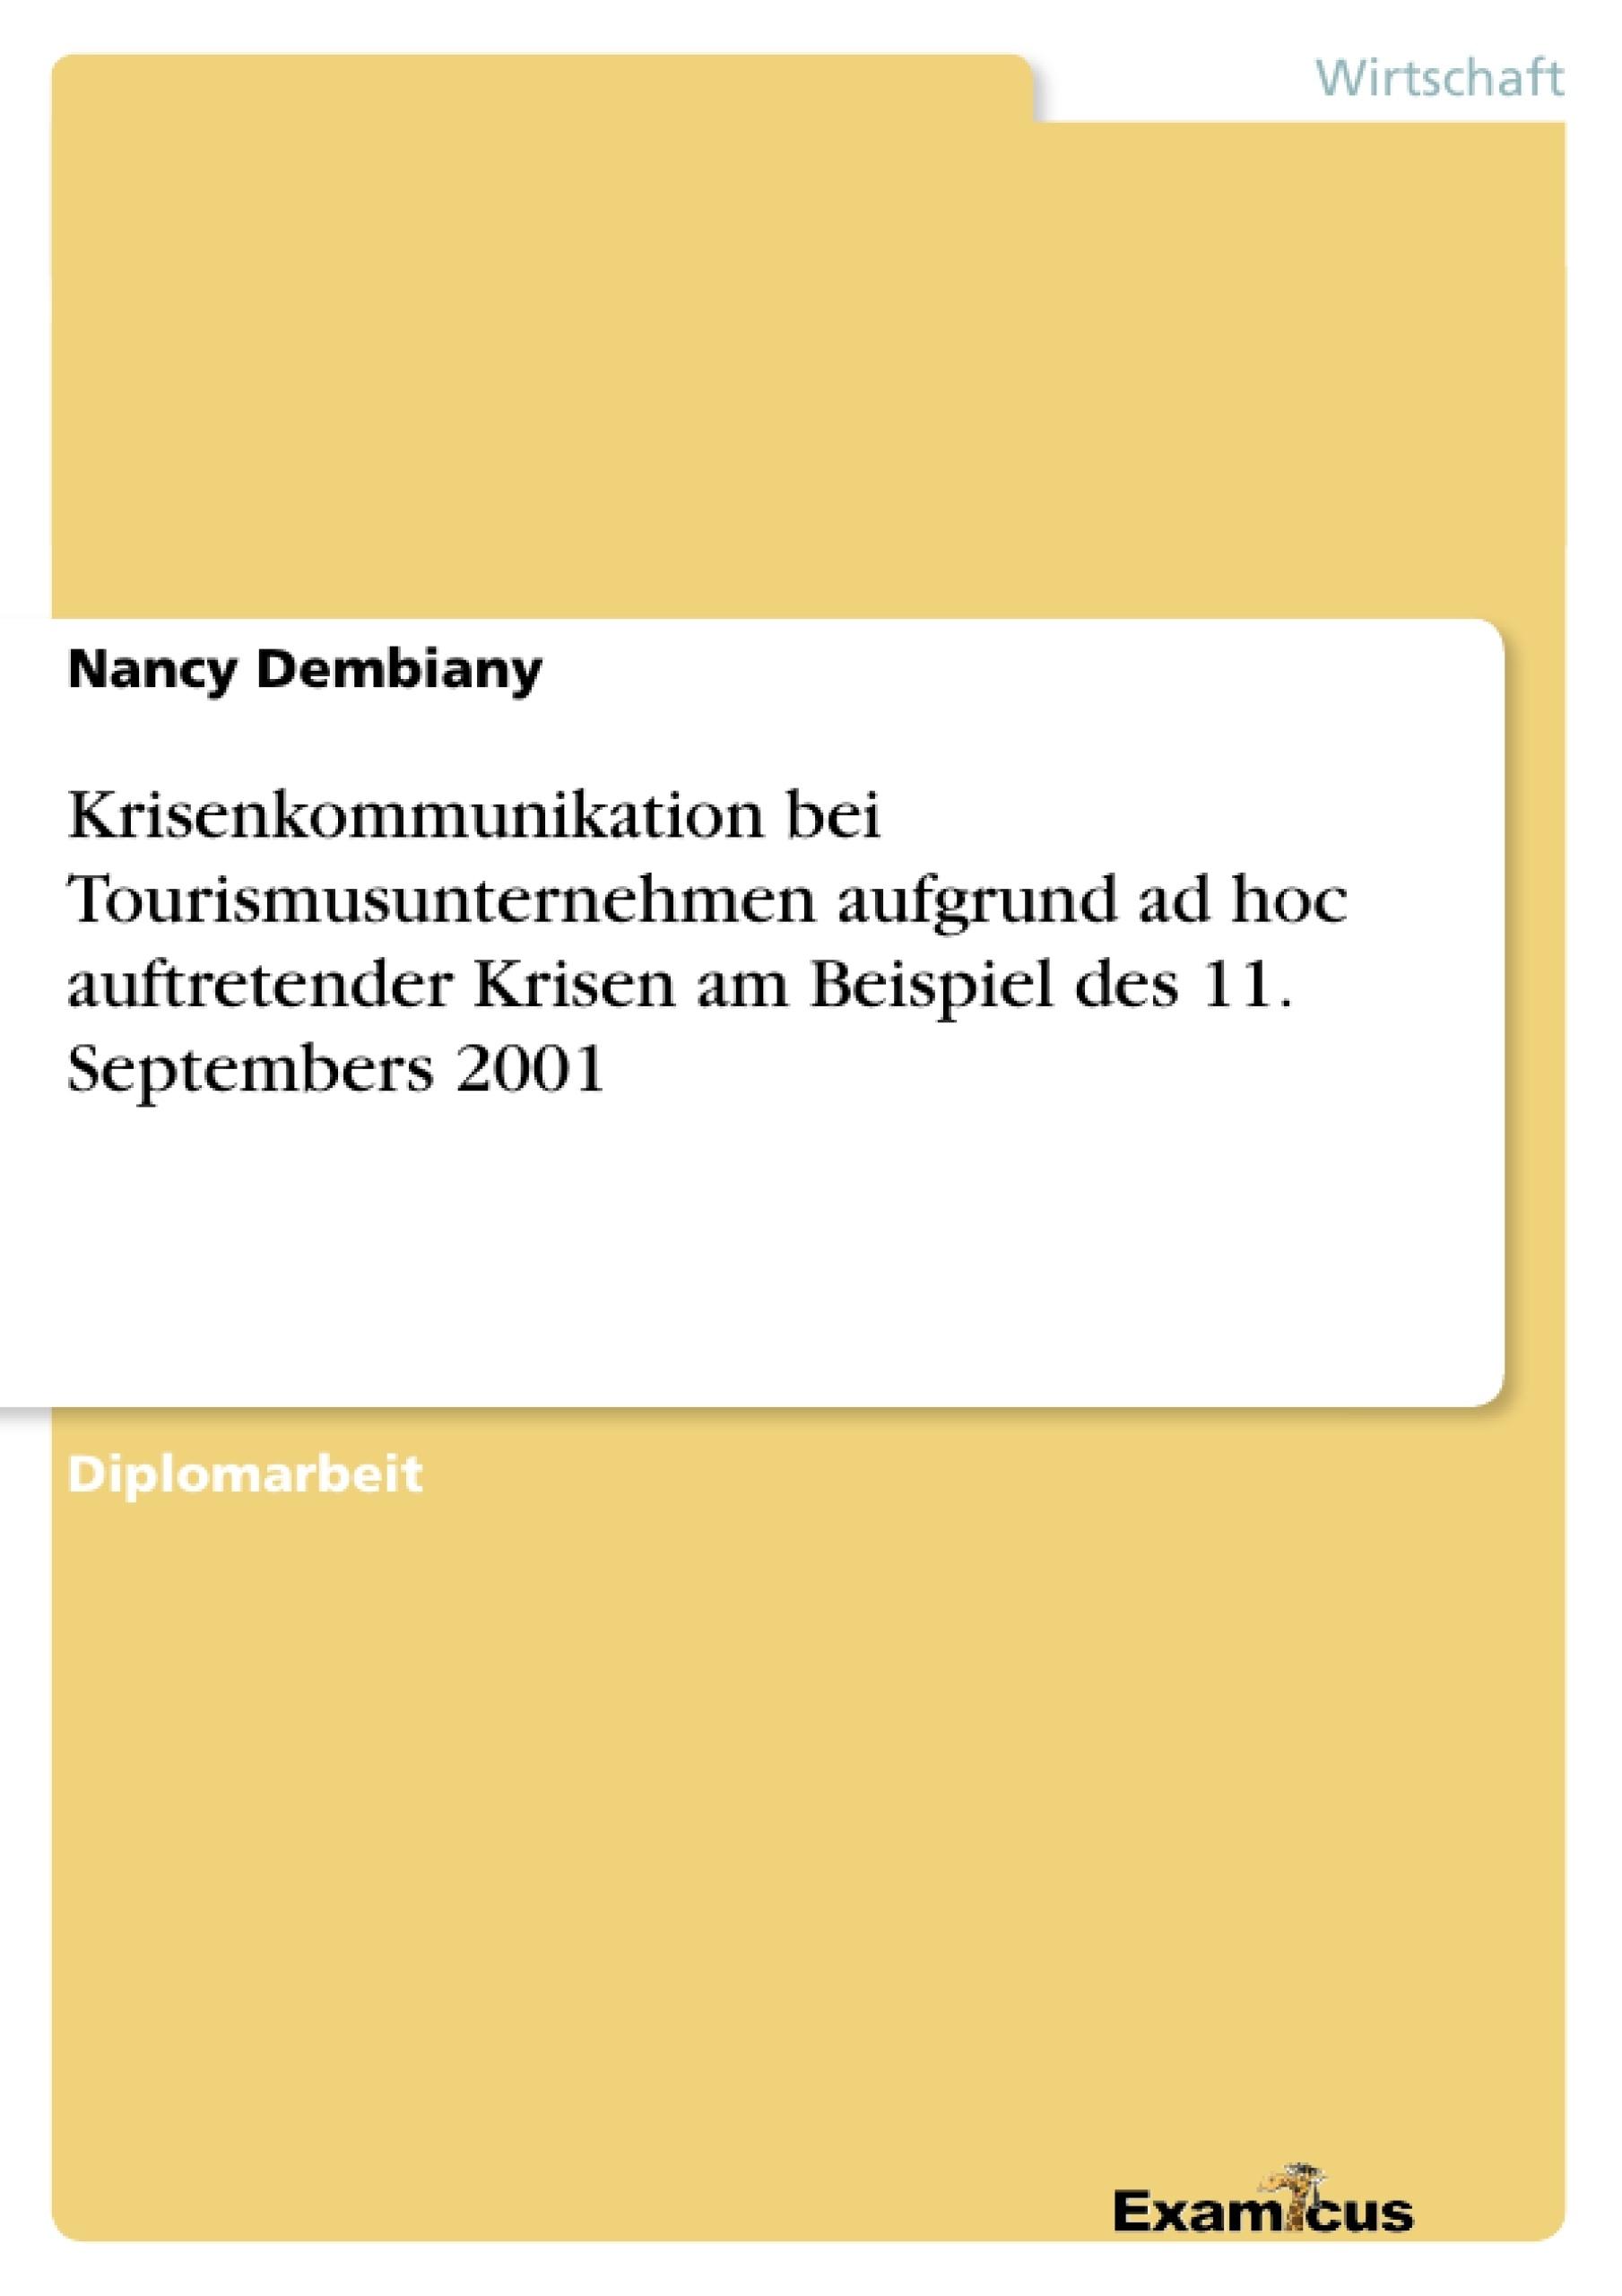 Titel: Krisenkommunikation bei Tourismusunternehmen aufgrund ad hoc auftretender Krisen am Beispiel des 11. Septembers 2001